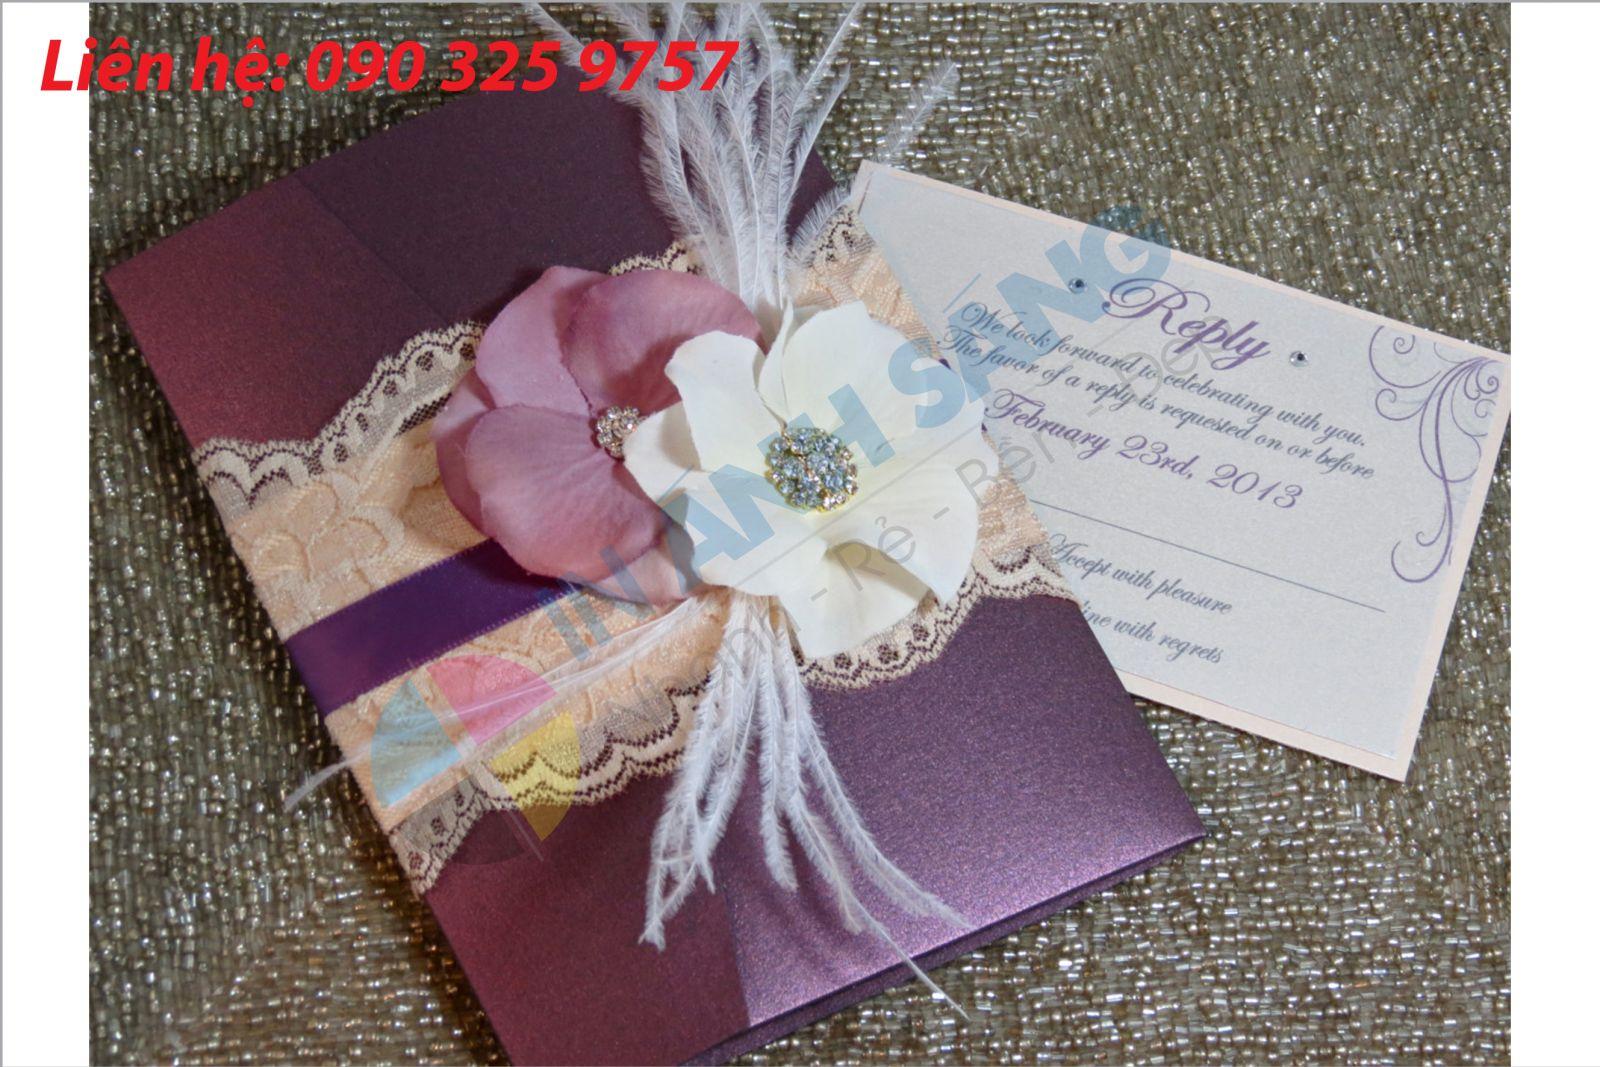 In chỉnh sửa thiệp cưới nhanh giá rẻ tại In Nhanh Ánh Sáng